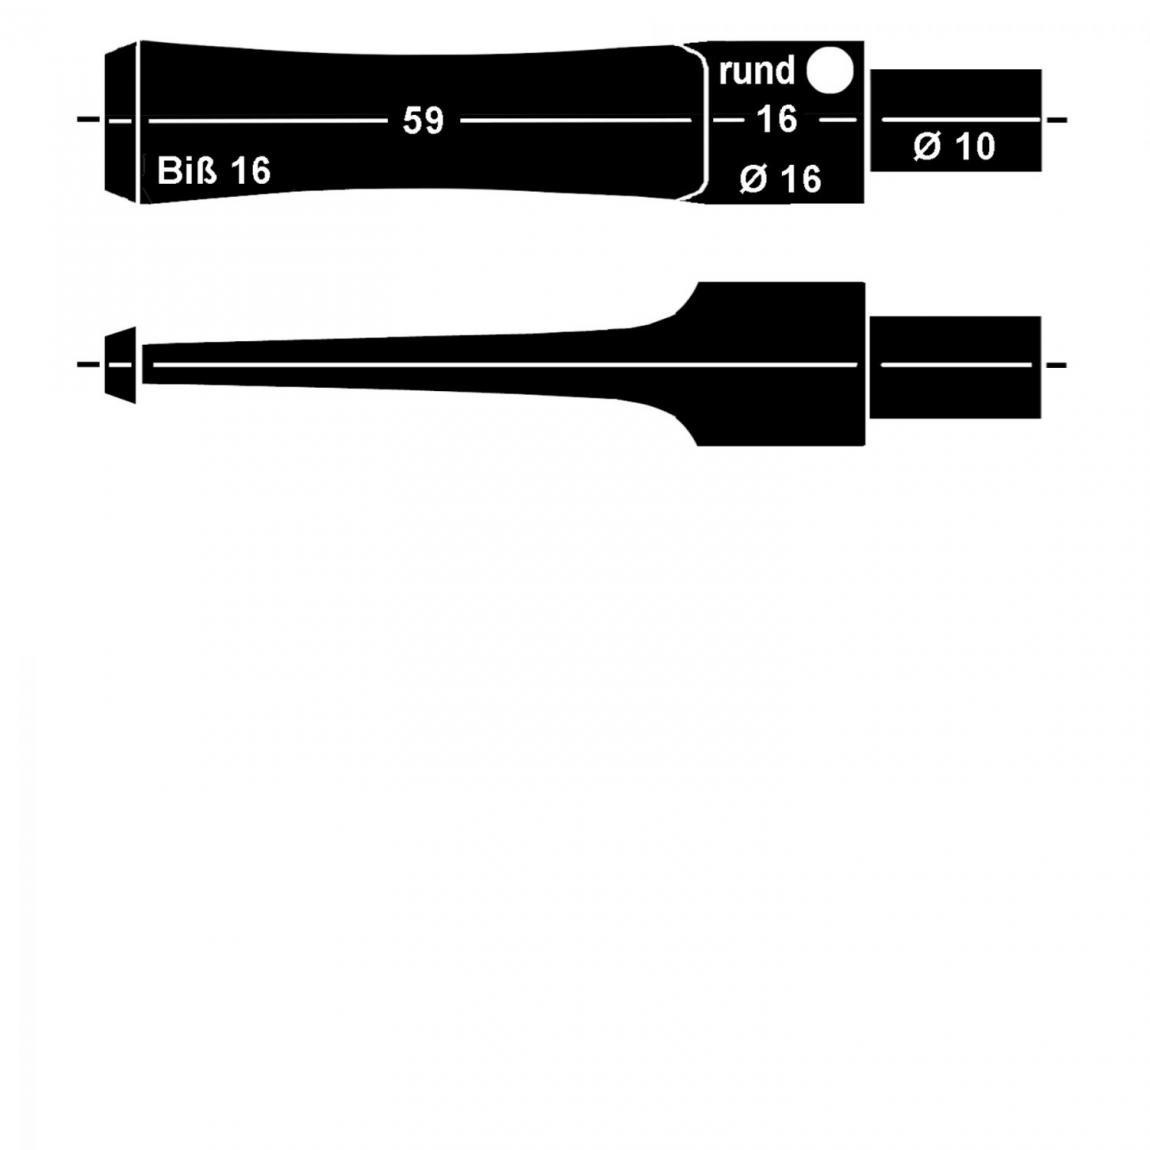 Mundstück aus Ebonit Nr. 18 Sattel rund, vorgedreht ohne Filter